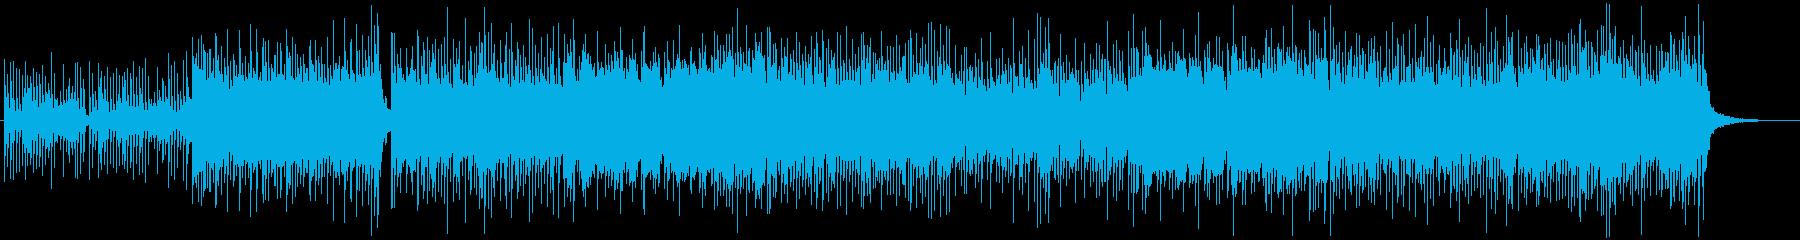 和風、三味線メタル2、激しい(声入り)Bの再生済みの波形